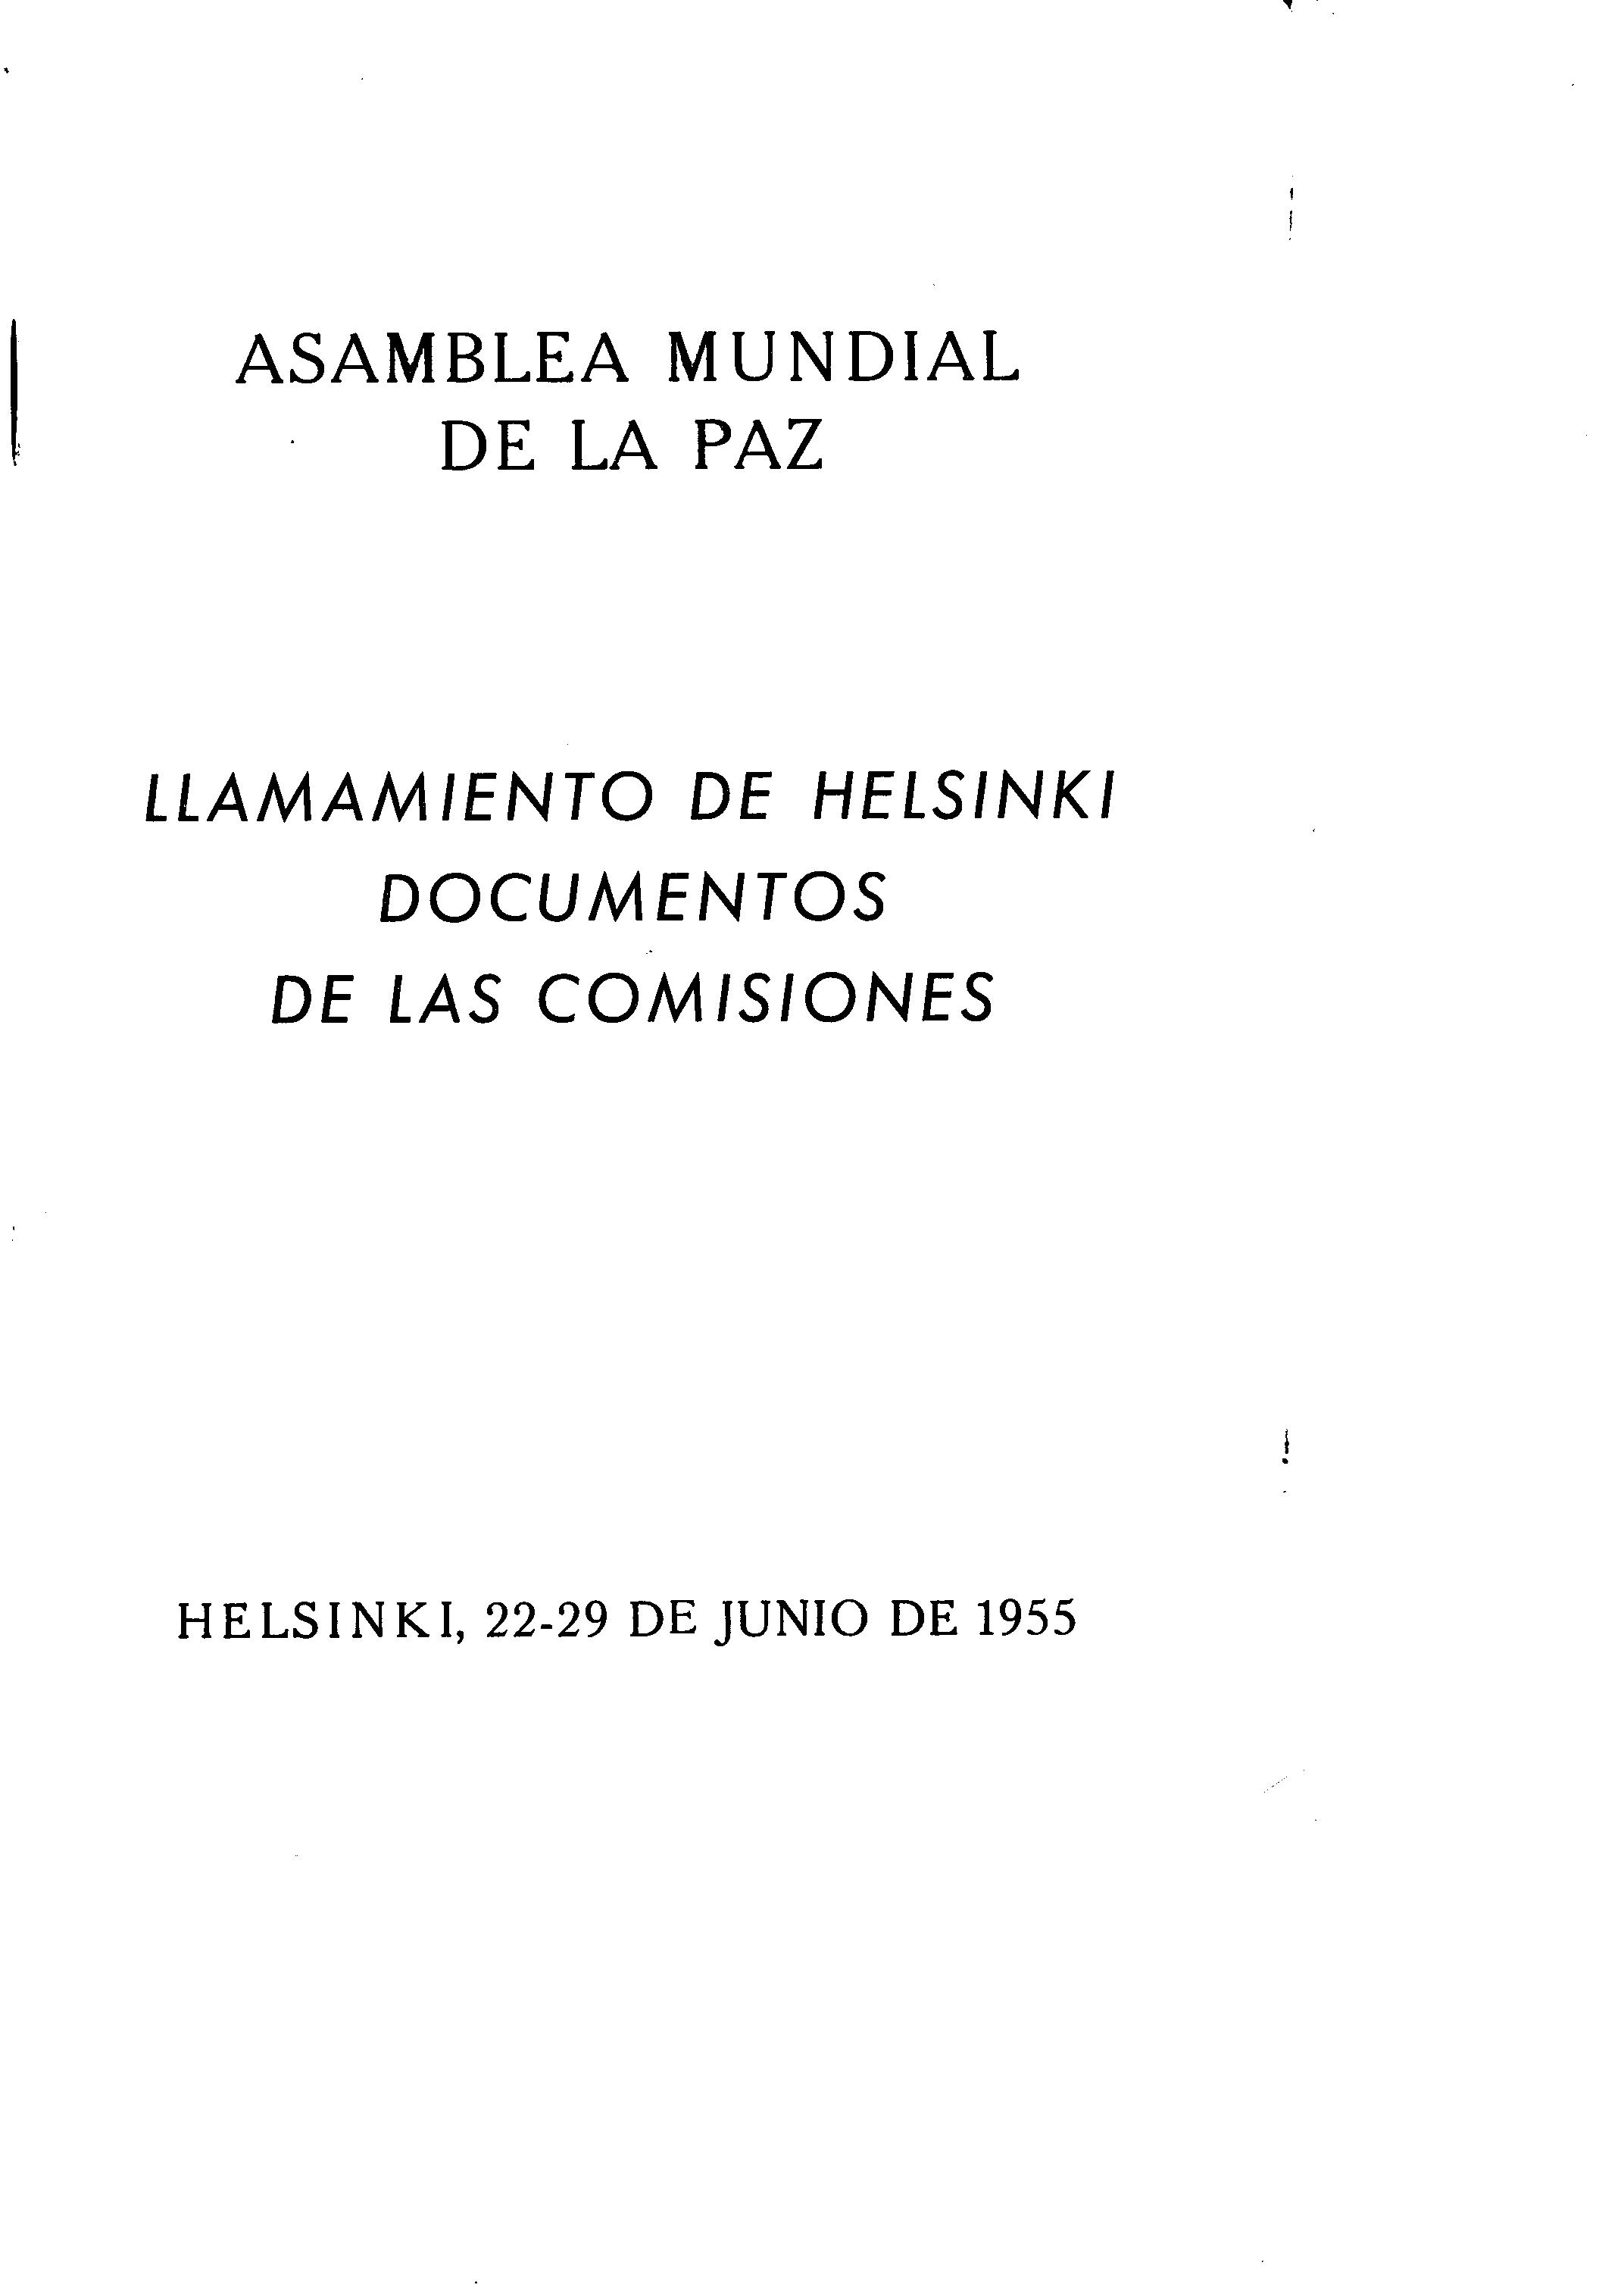 02595.036- pag.1